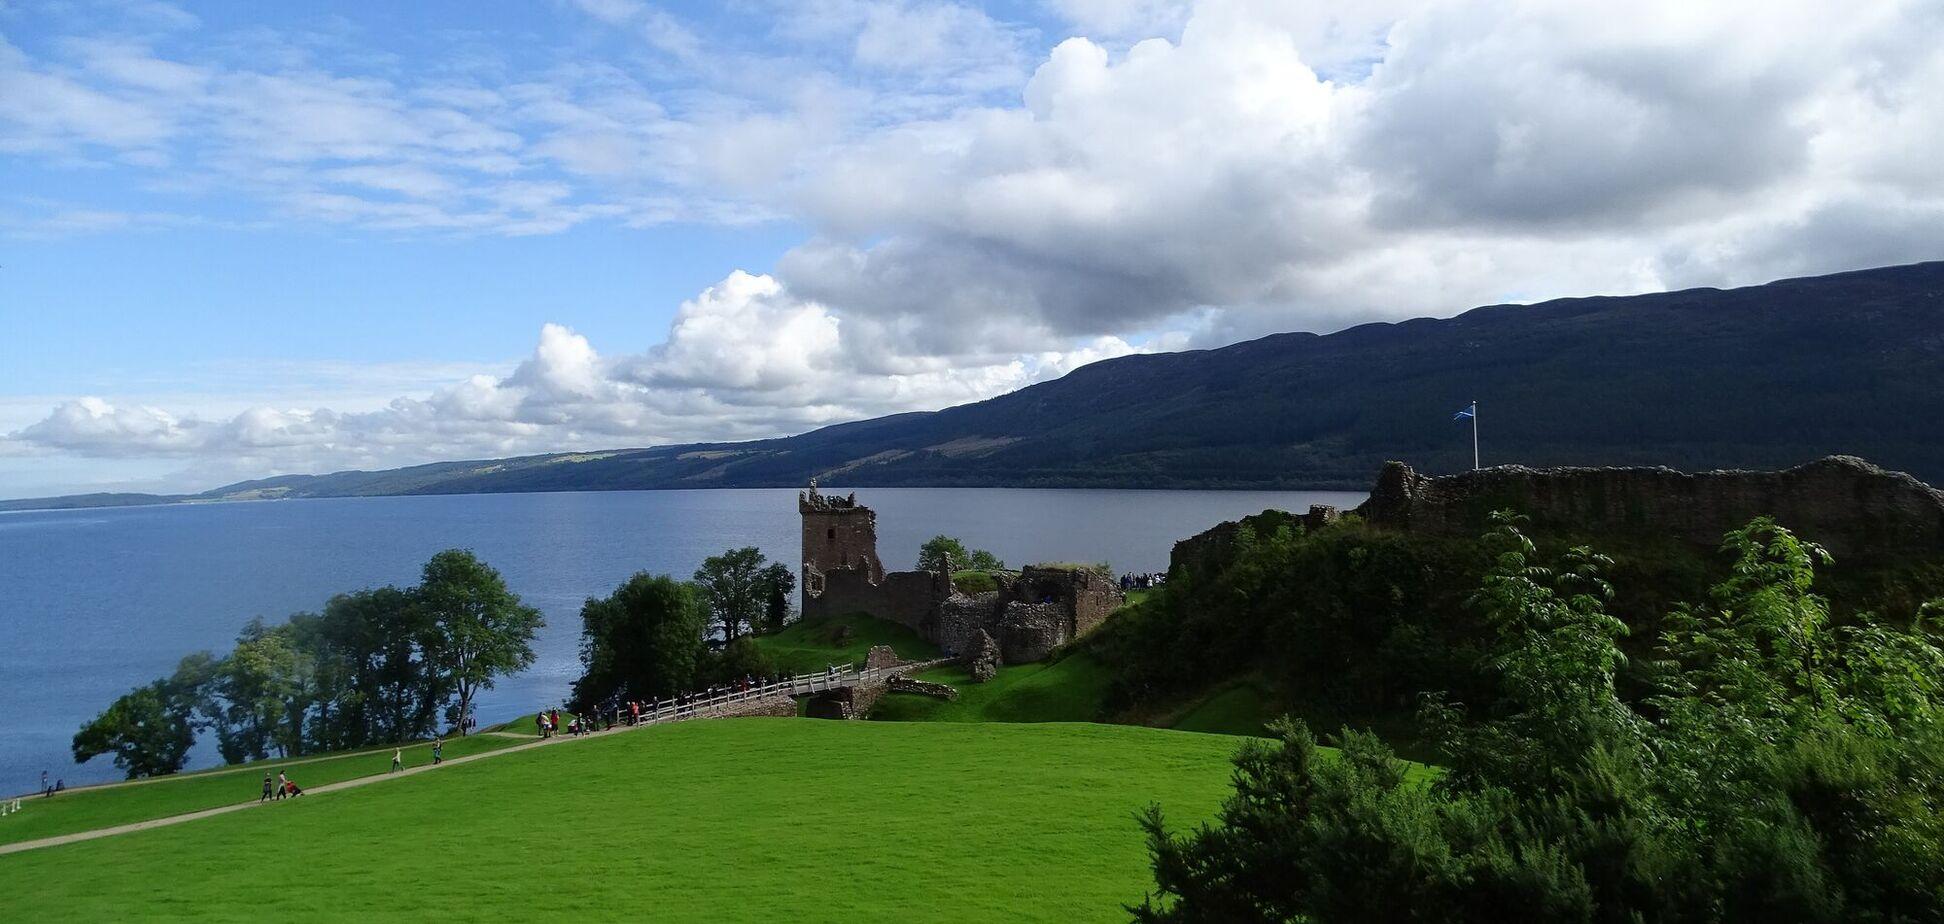 Согласно легенде, Несси обитает в глубоком озере Лох-Несс в Шотландии